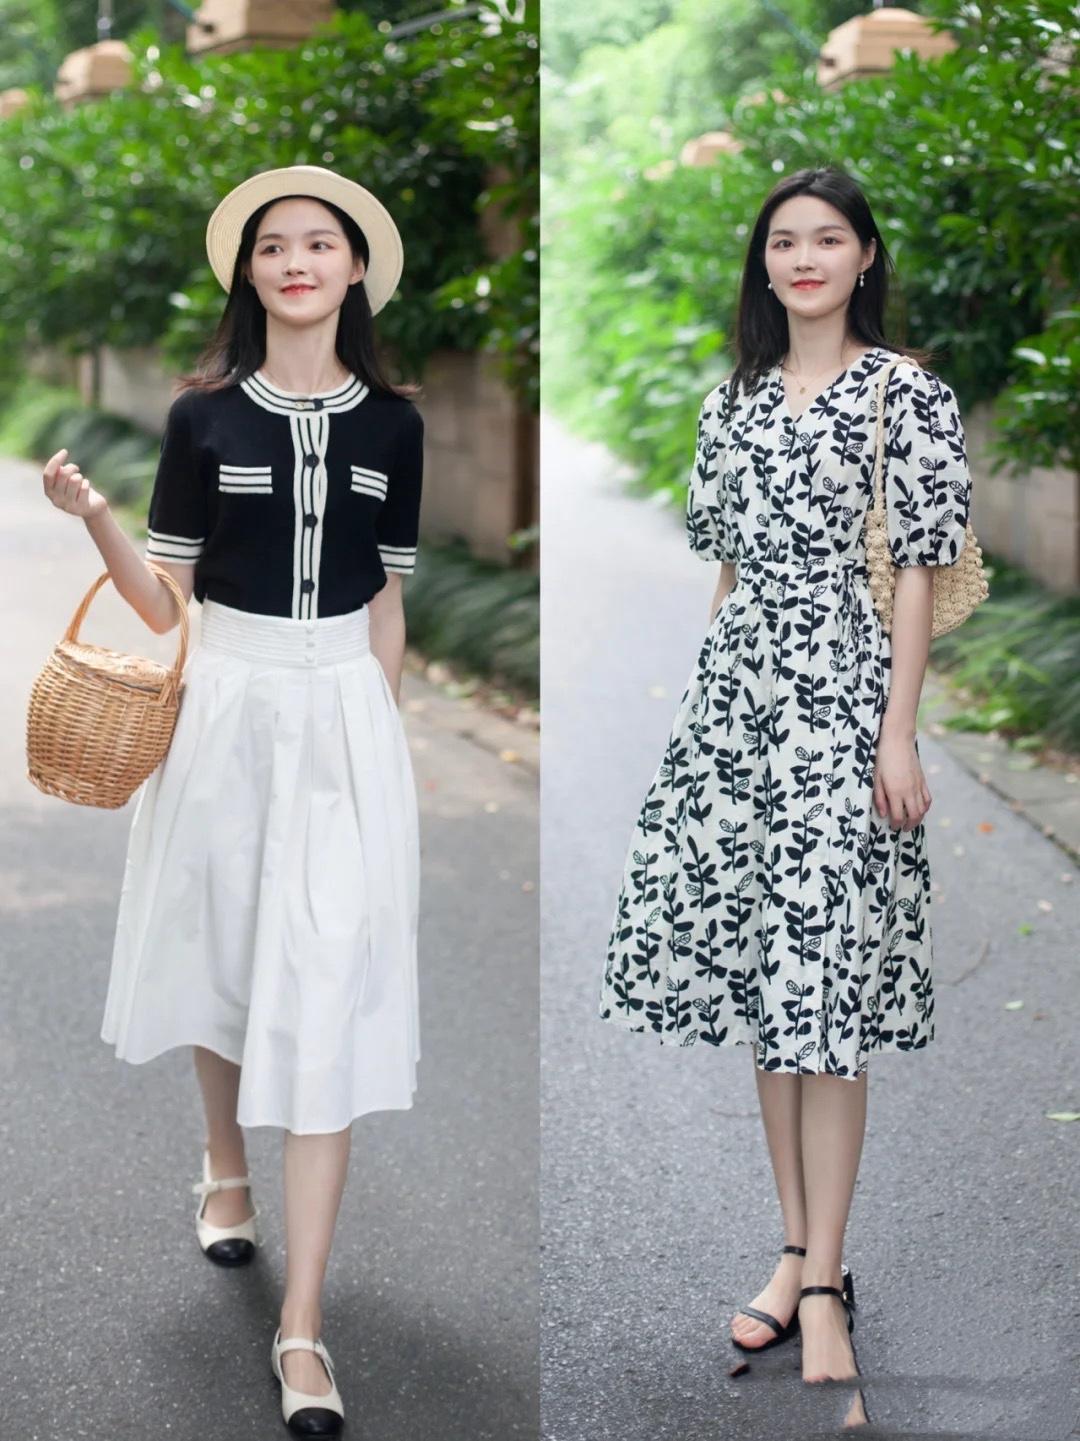 夏季穿搭流行「化繁為簡」,三個搭配思路,讓你在平淡中美得出彩